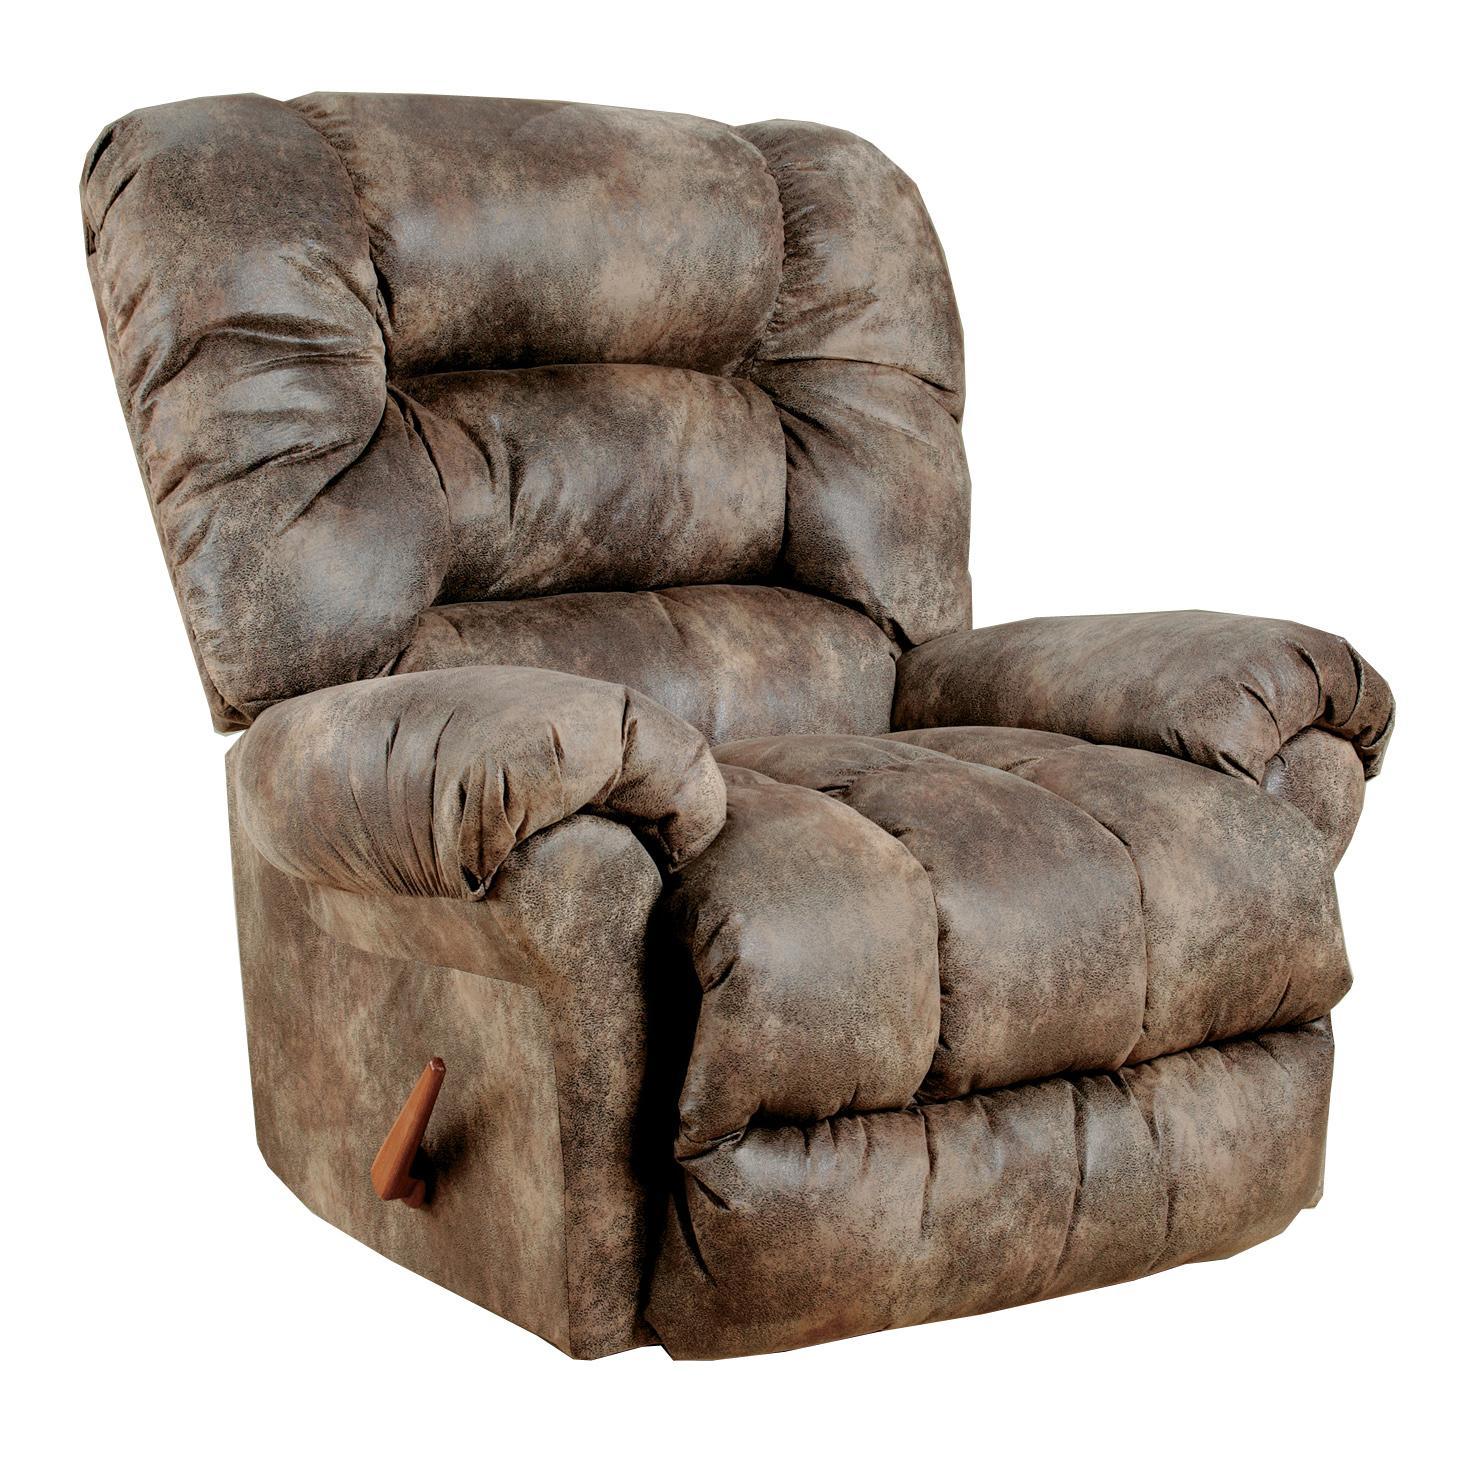 wall hugger recliner chair folding counter height chairs best home furnishings medium recliners seger wallhugger reclining